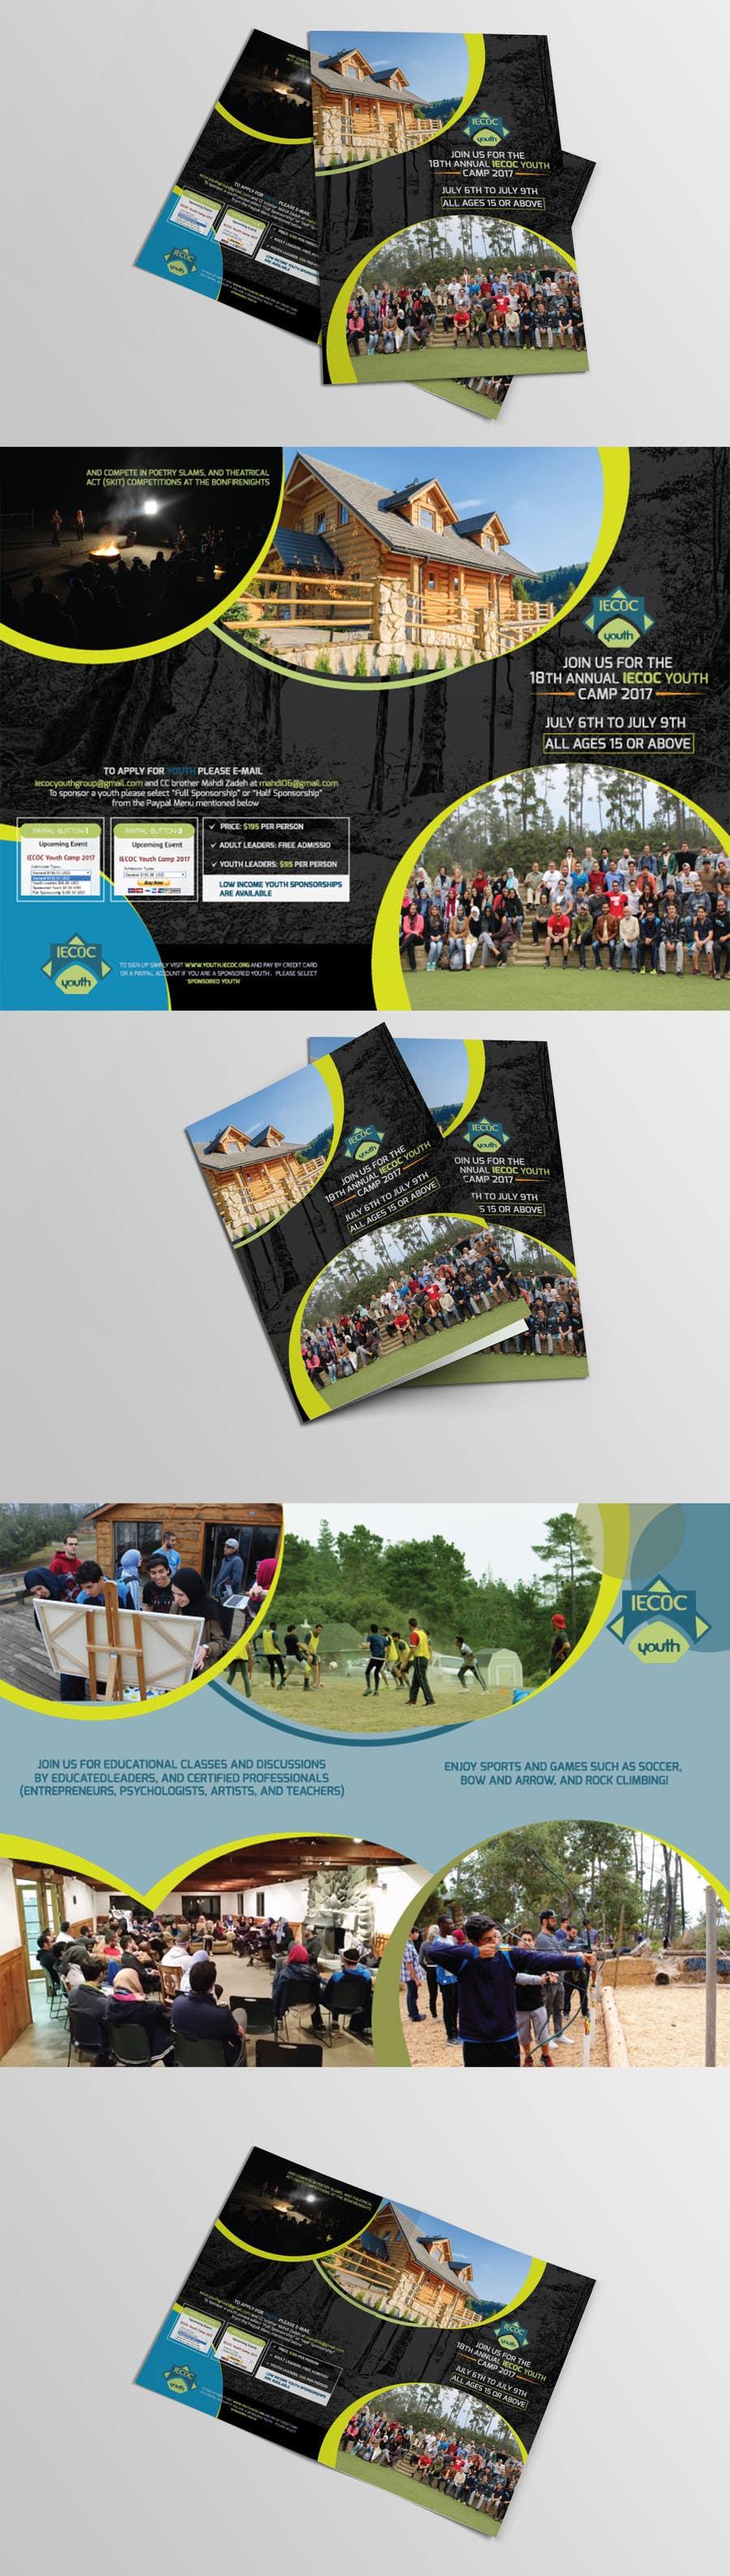 Proposition n°95 du concours Bi-folding Flyer Design